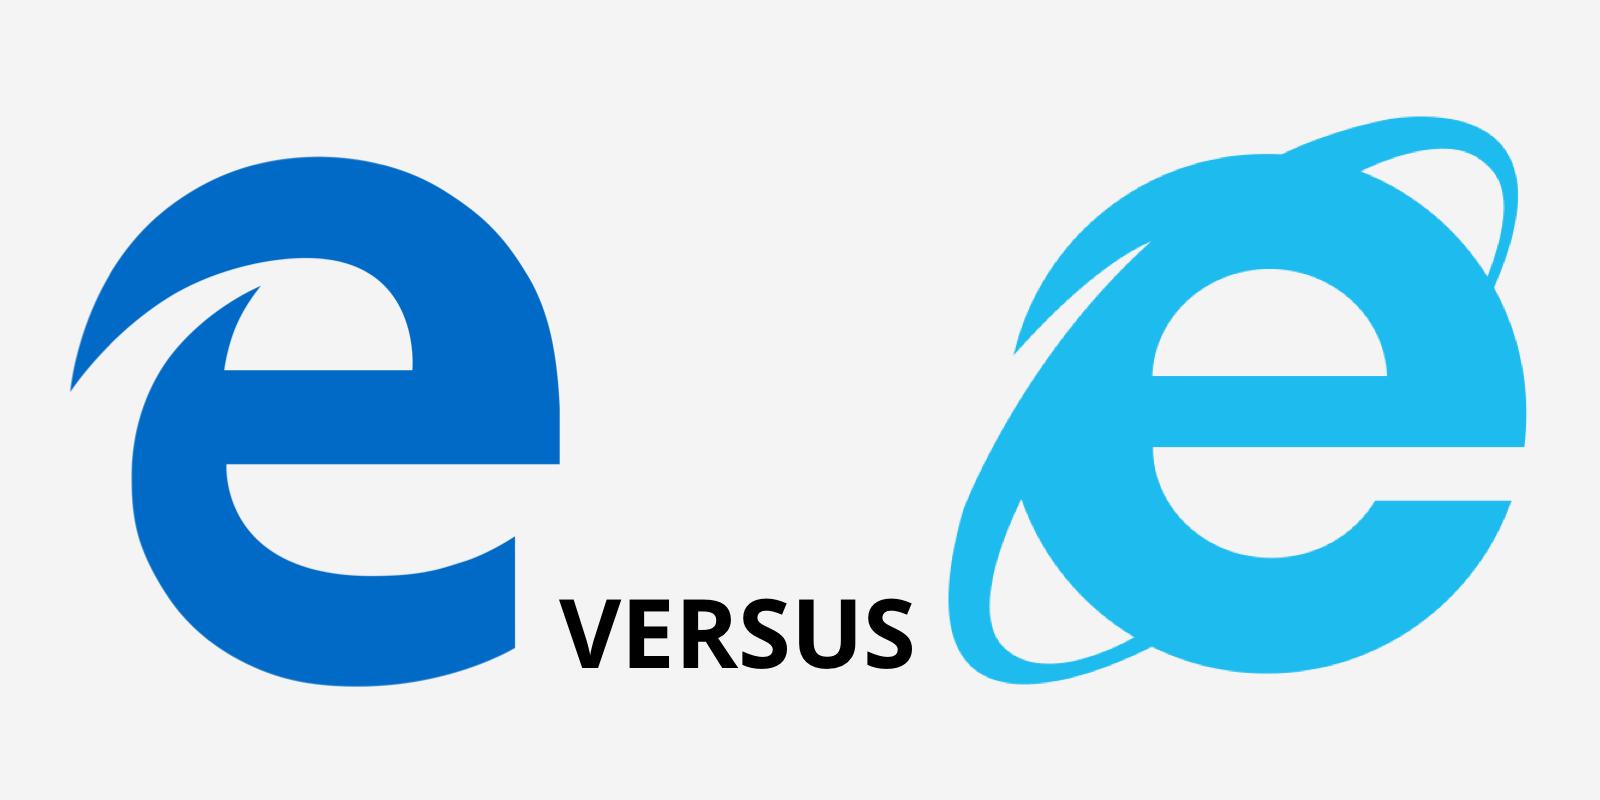 microsoft edge versus internet explorer